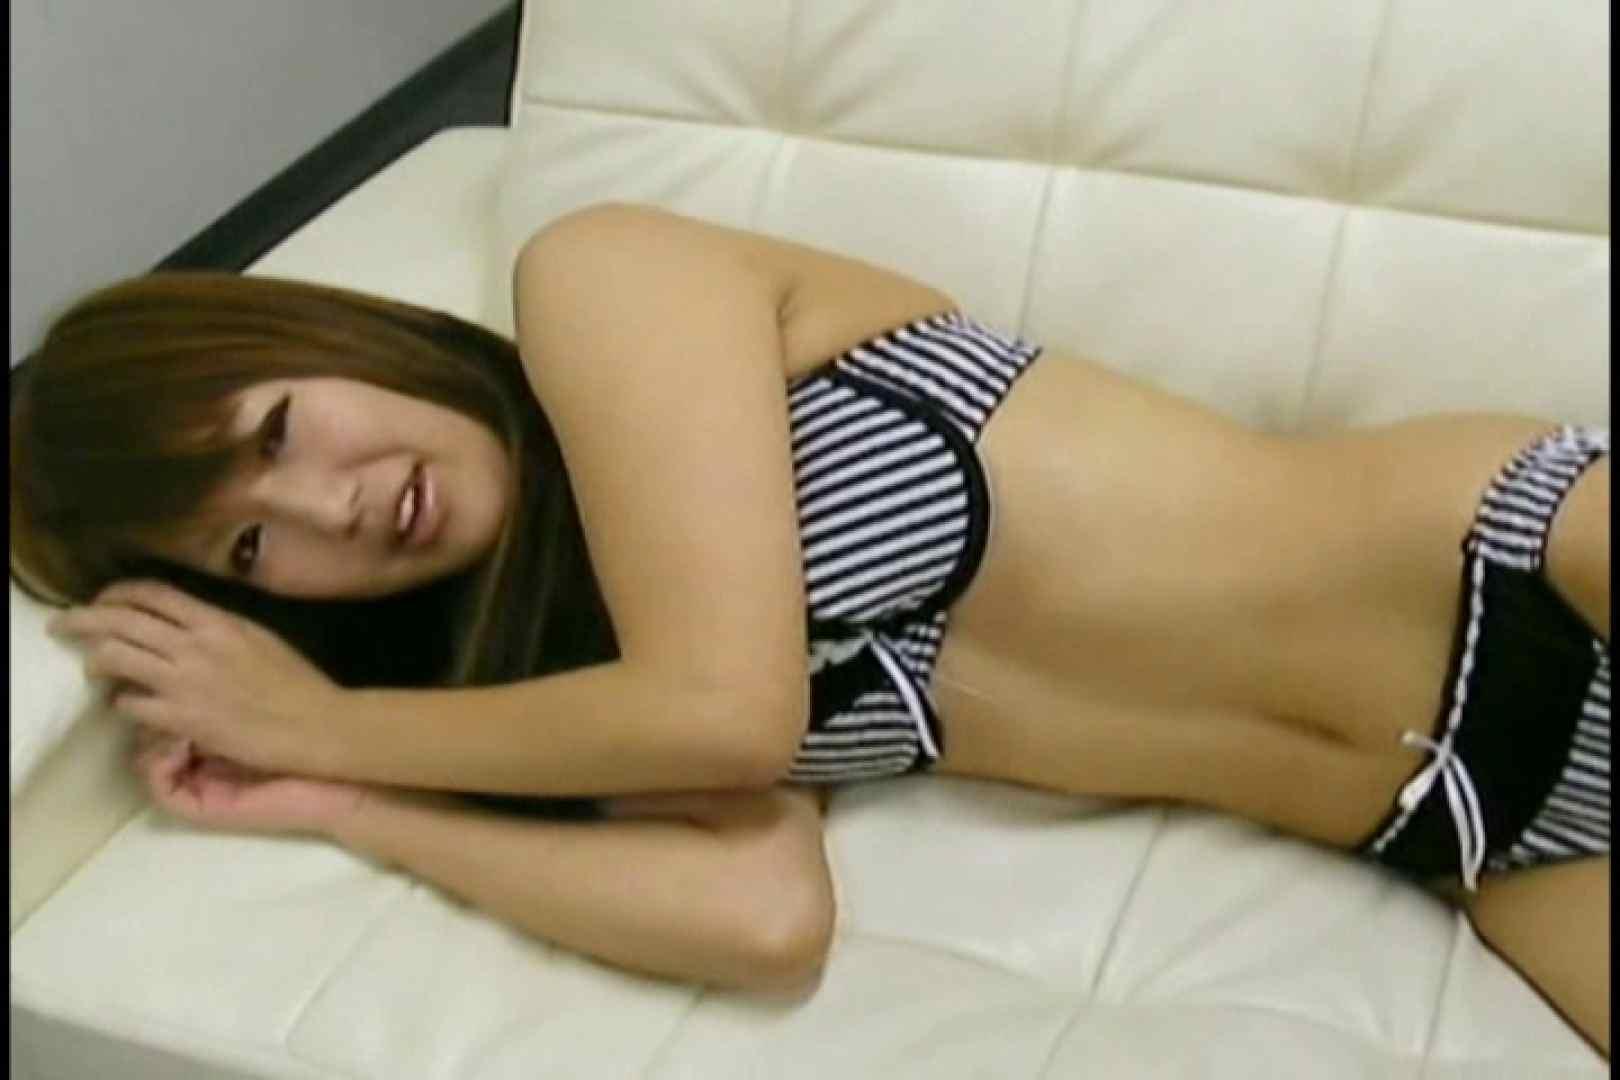 素人撮影 下着だけの撮影のはずが・・・ ゆな20歳 おっぱい大好き AV動画キャプチャ 99pic 57